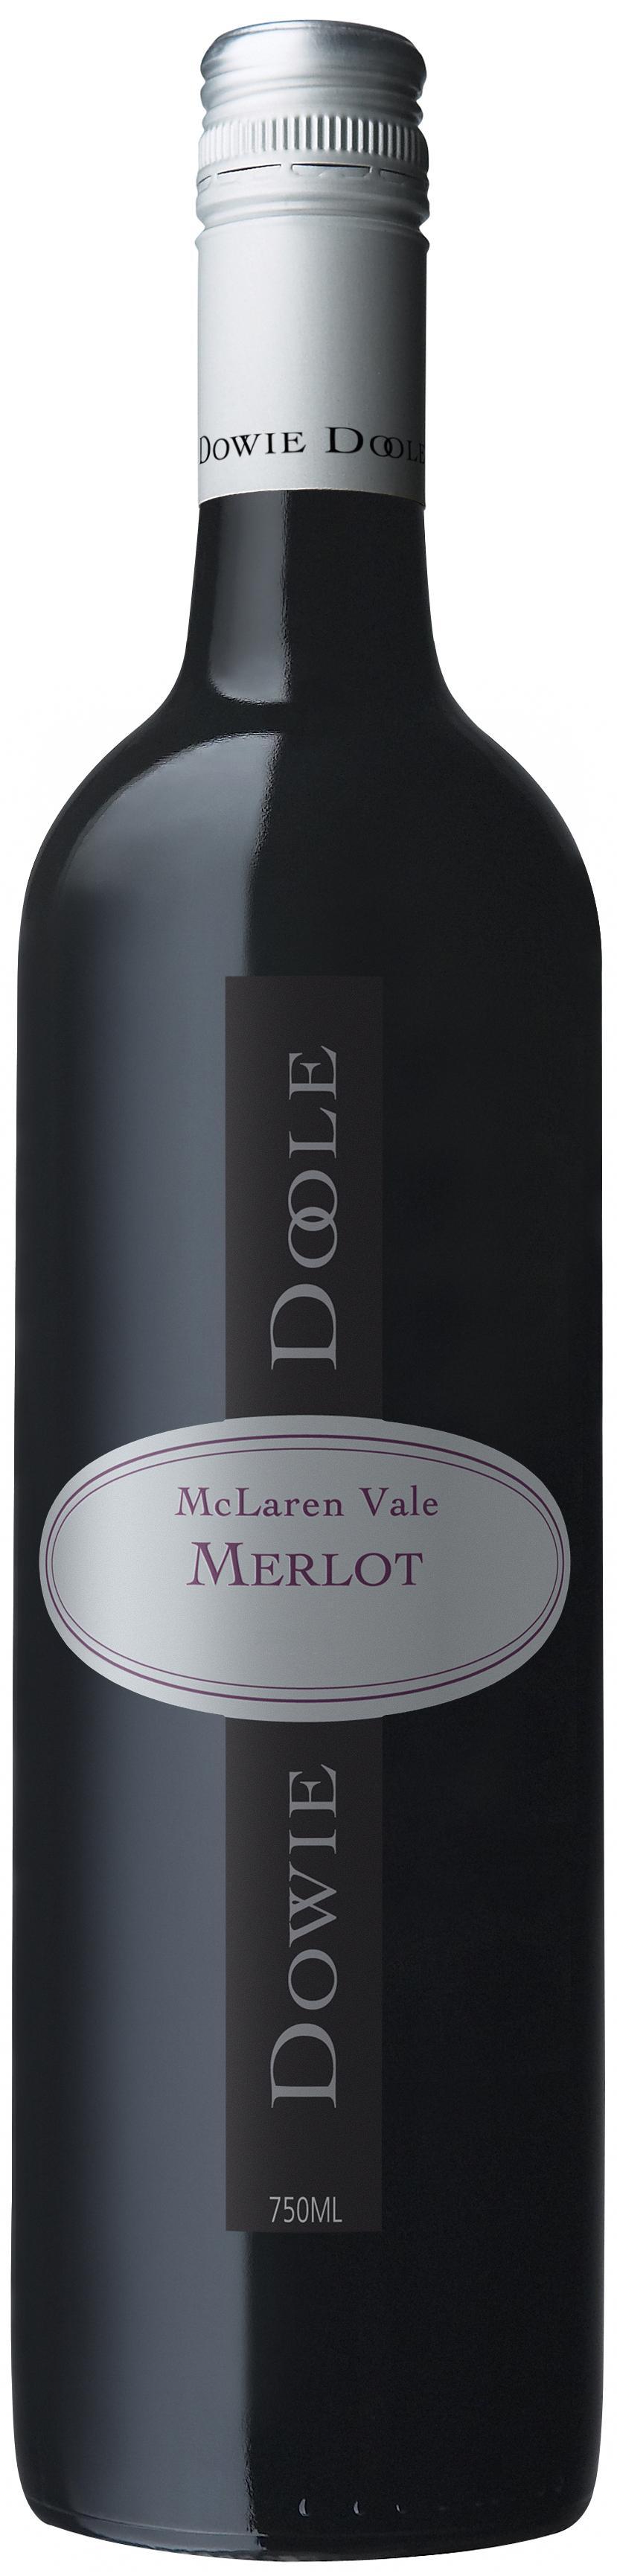 Dowie Doole Merlot